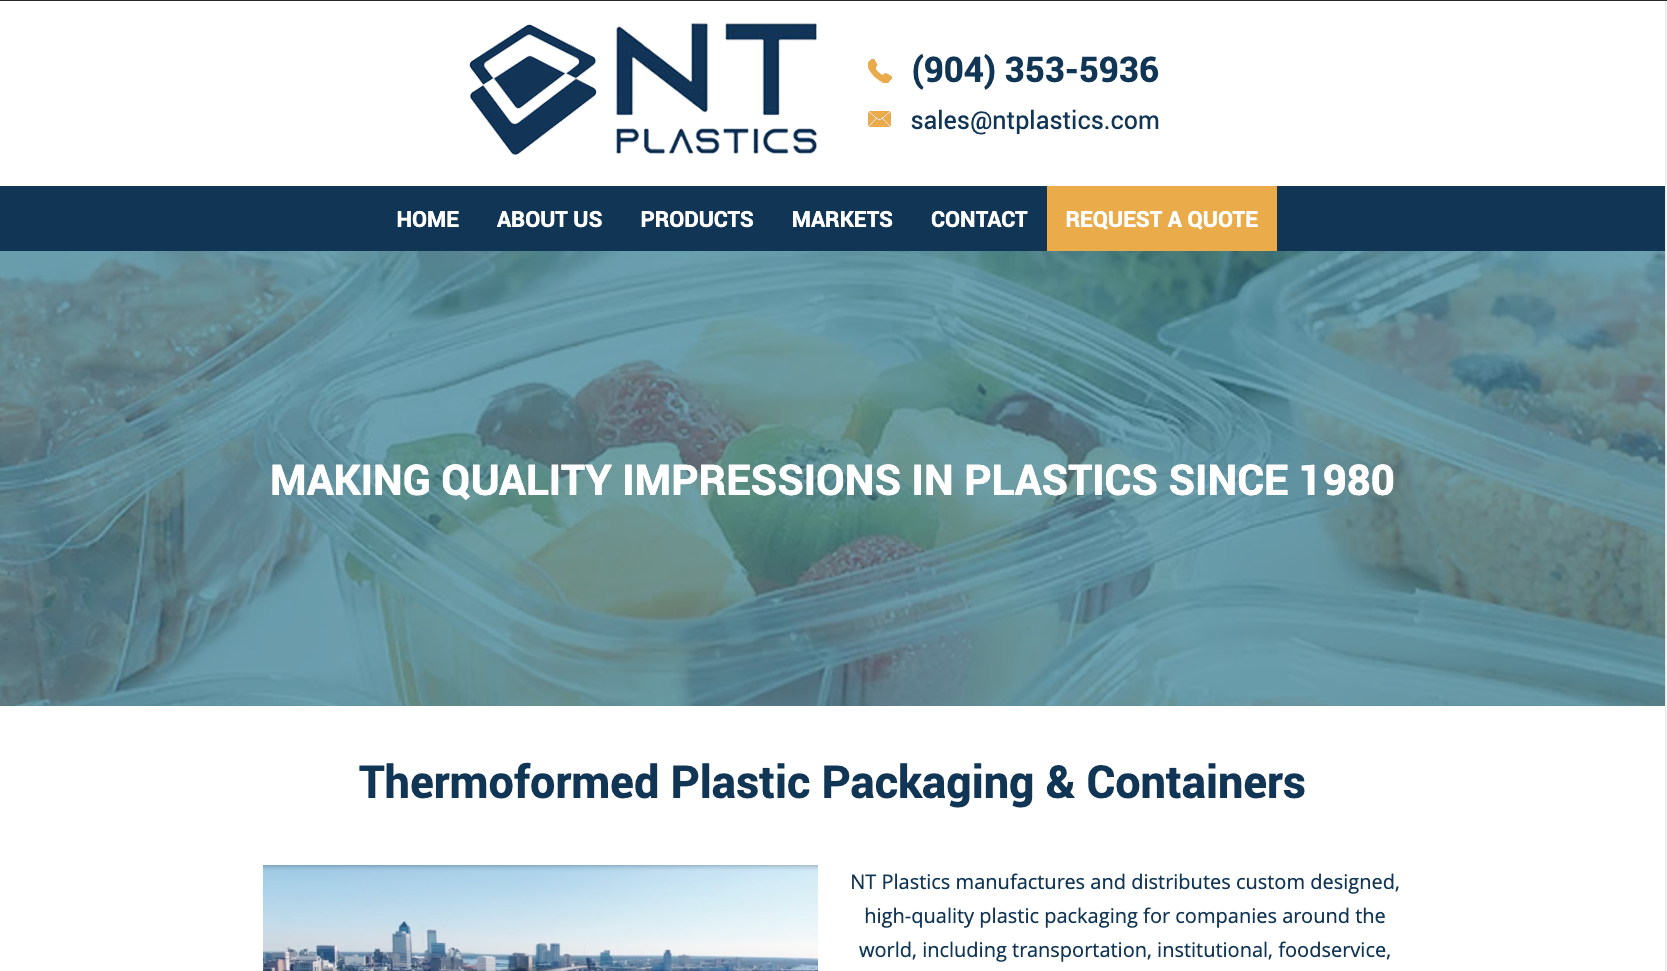 nt plastics homepage